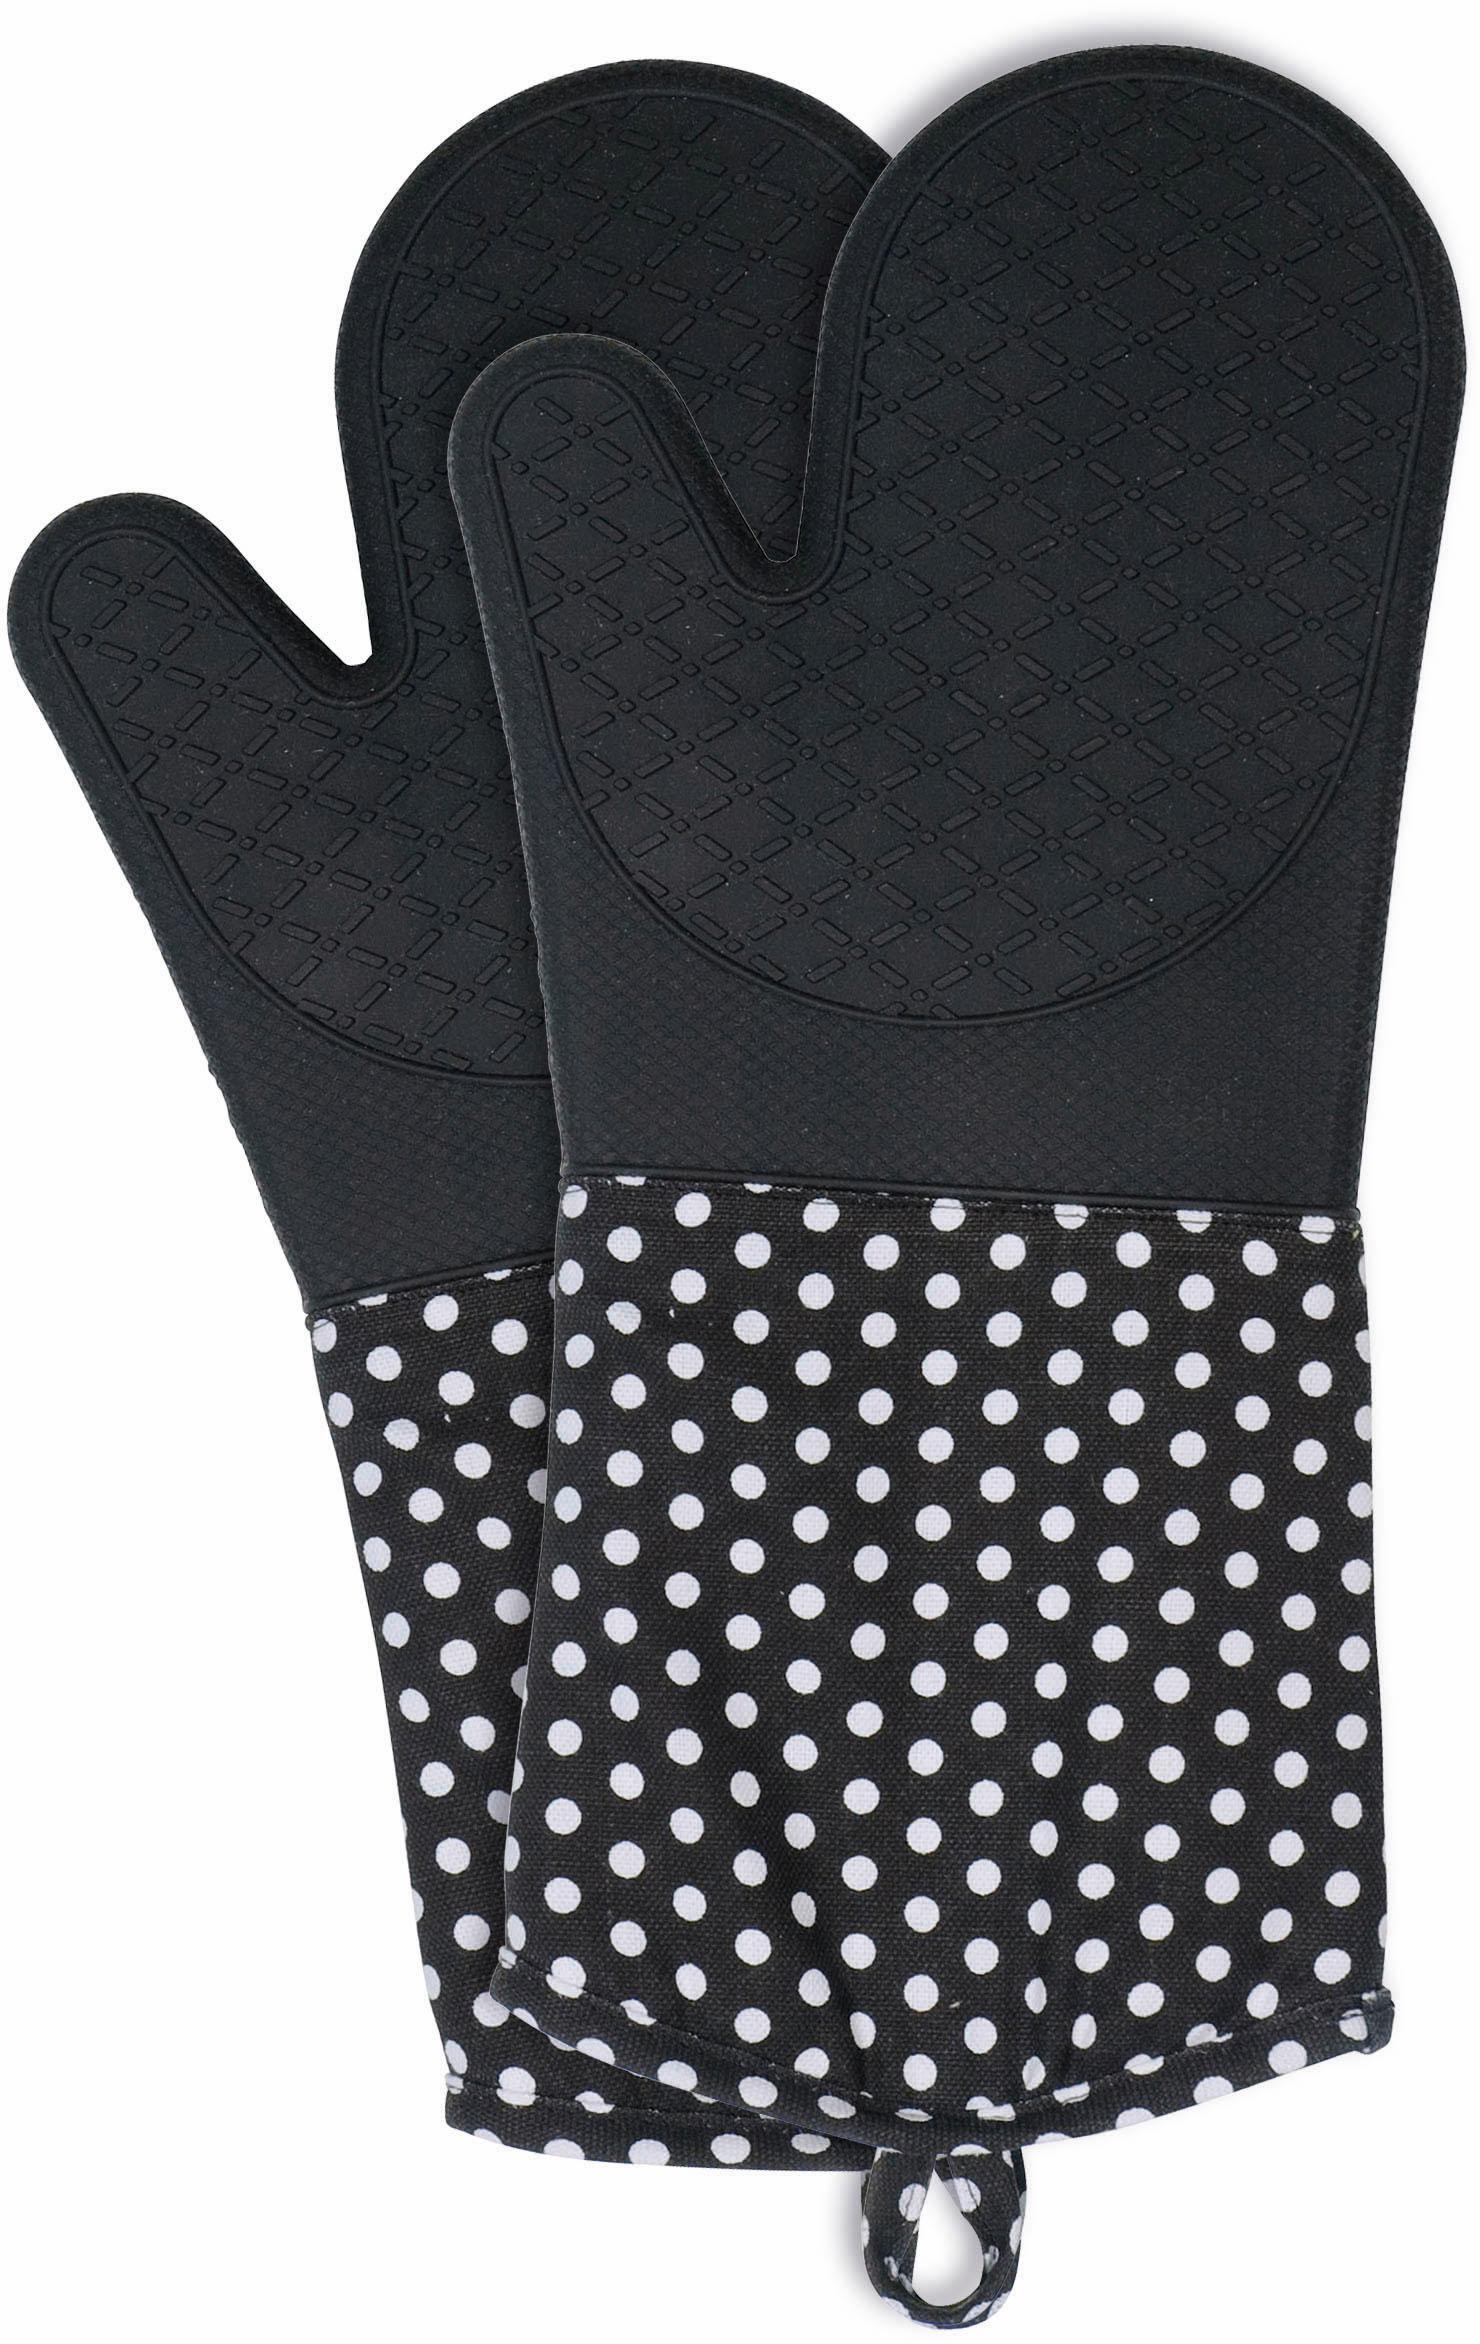 WENKO Topfhandschuhe, aus Silikon schwarz Topflappen und Topfhandschuh Kochen Backen Haushaltswaren Topfhandschuhe